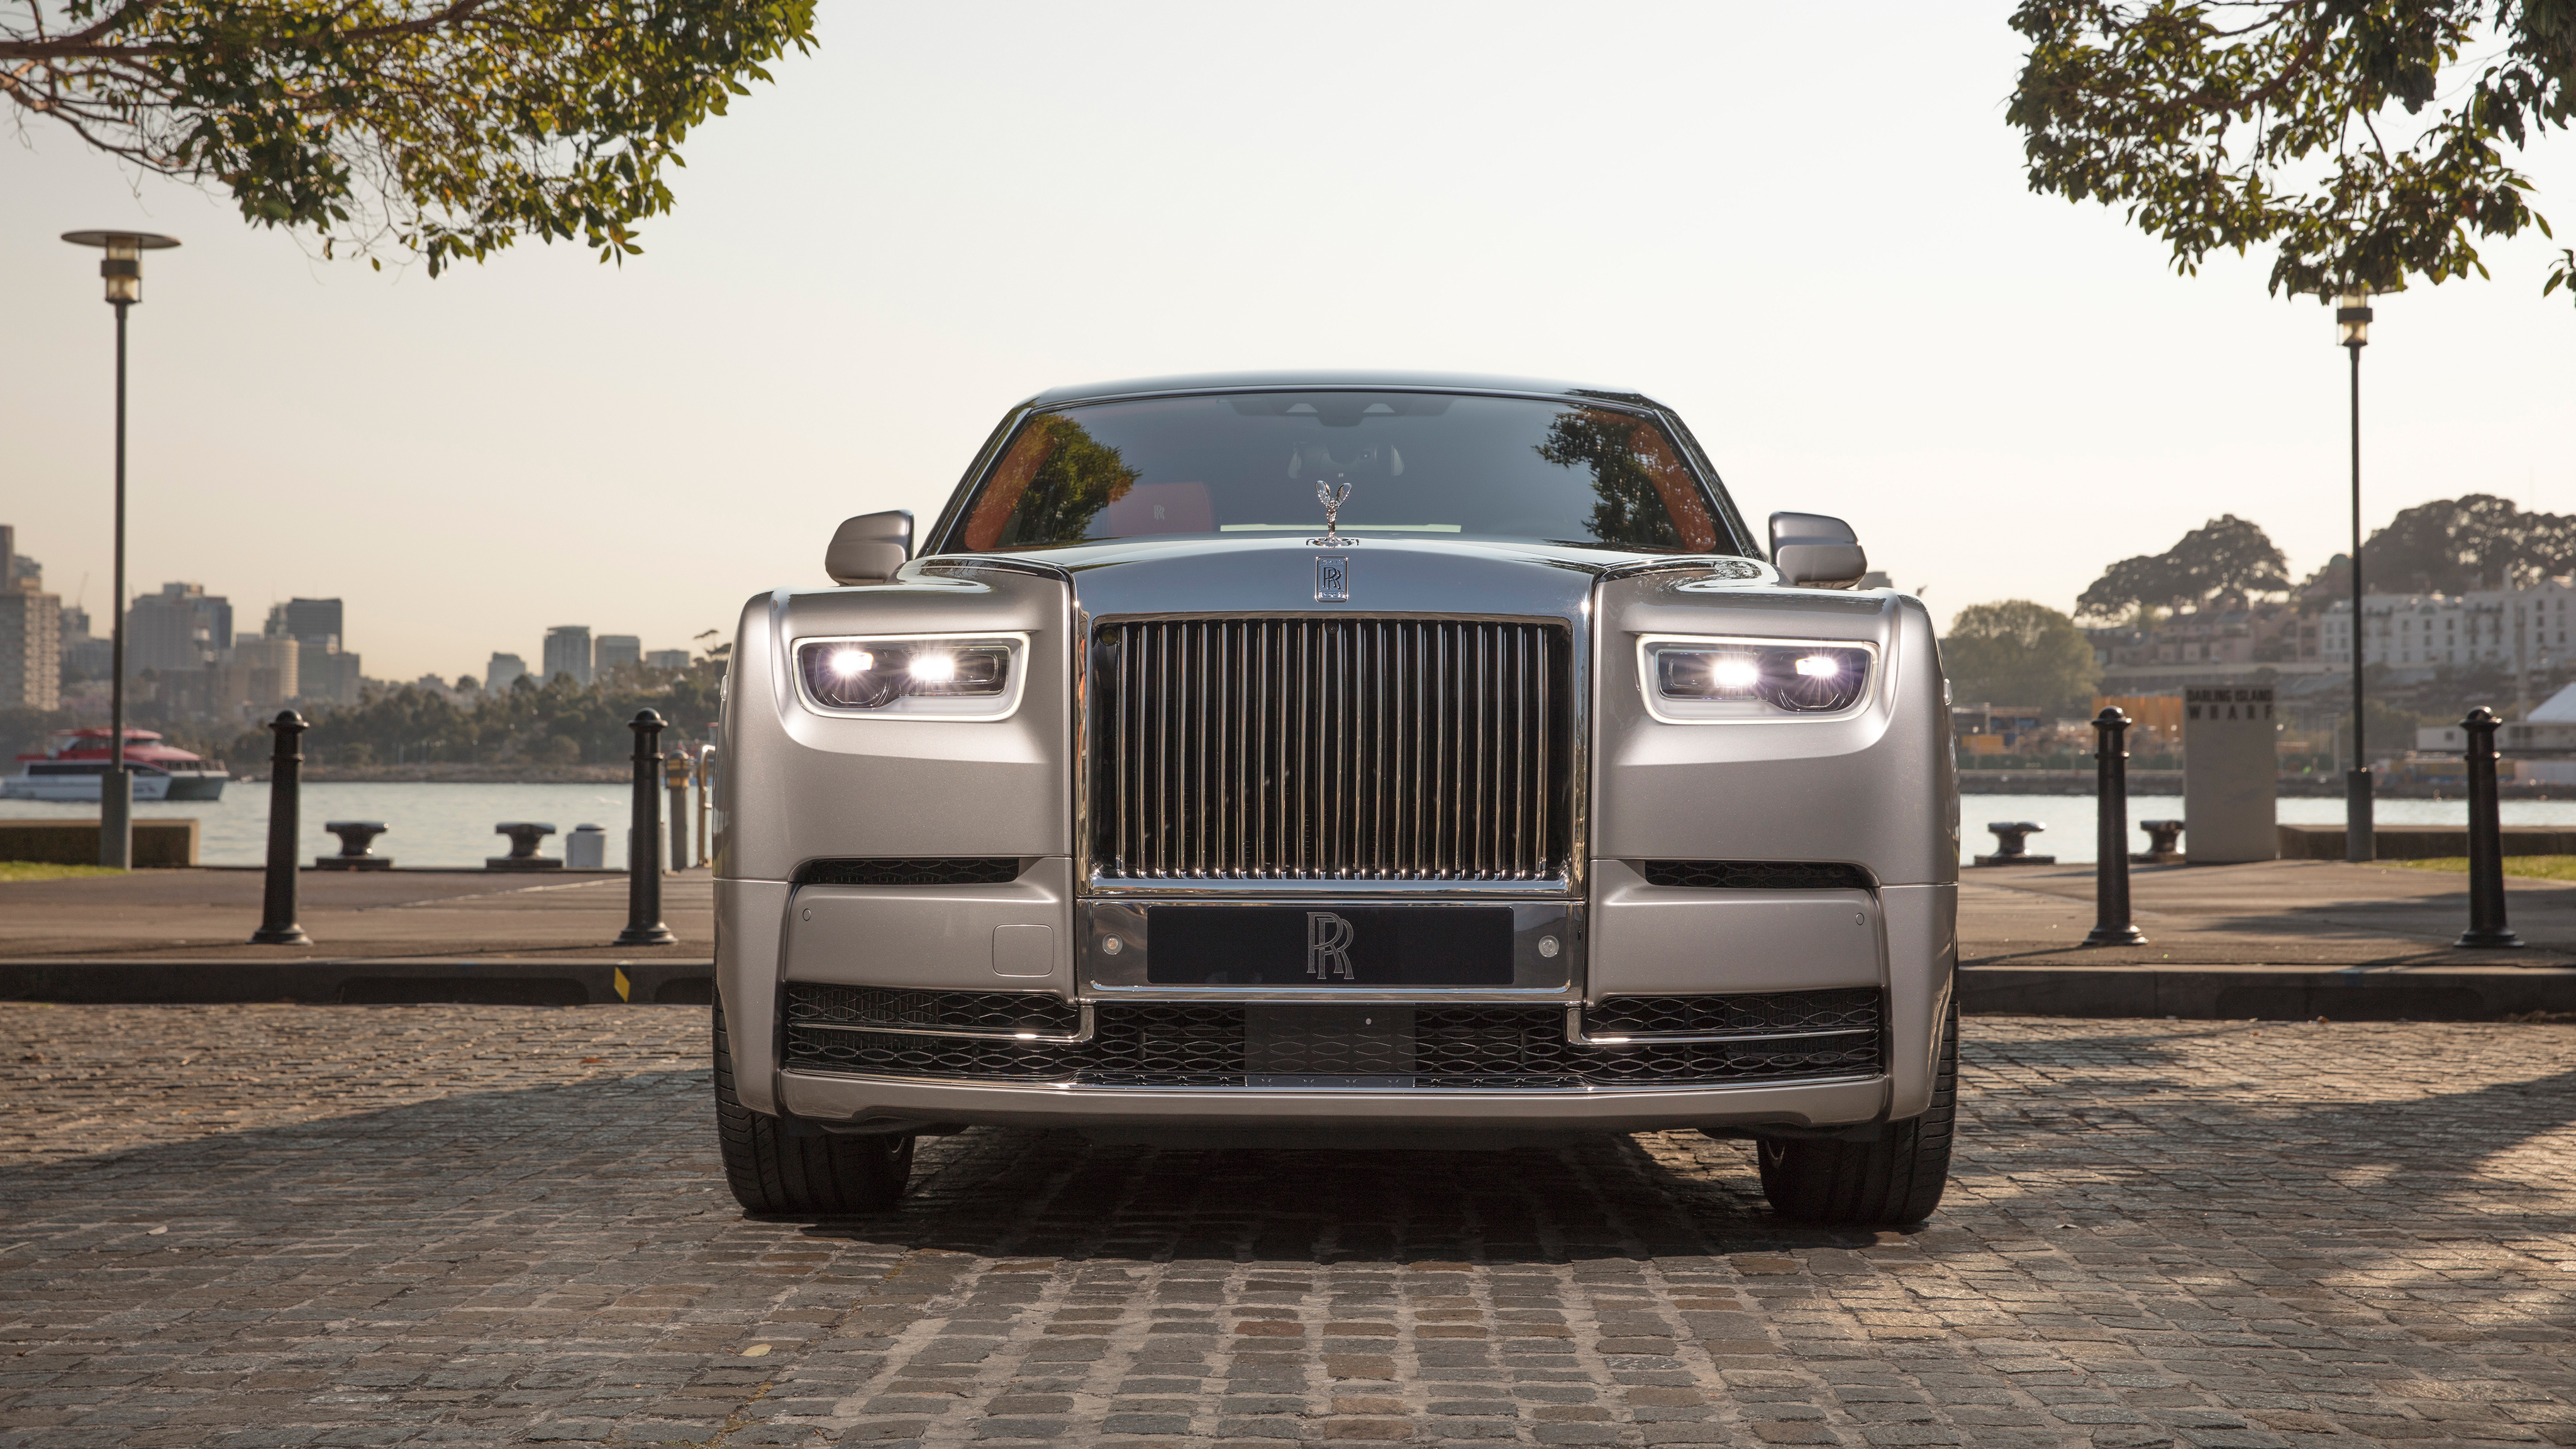 Rolls Royce Phantom Wallpaper 4k 4096x2304 Wallpaper Teahub Io